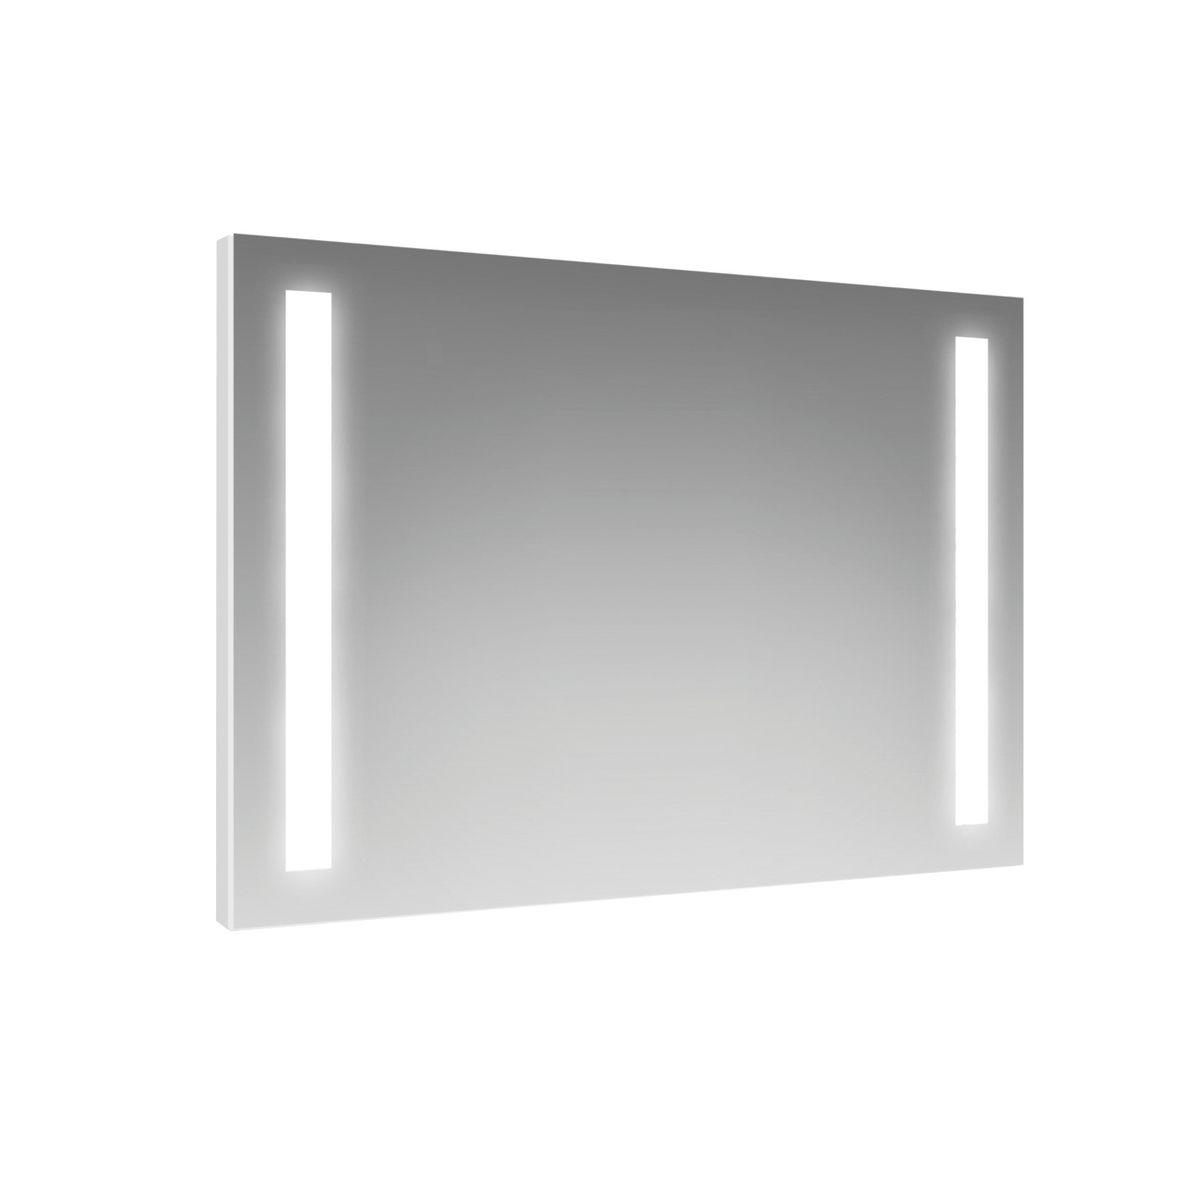 Contenitori in plastica leroy merlin cool ordine e l x p for Lastre alluminio leroy merlin